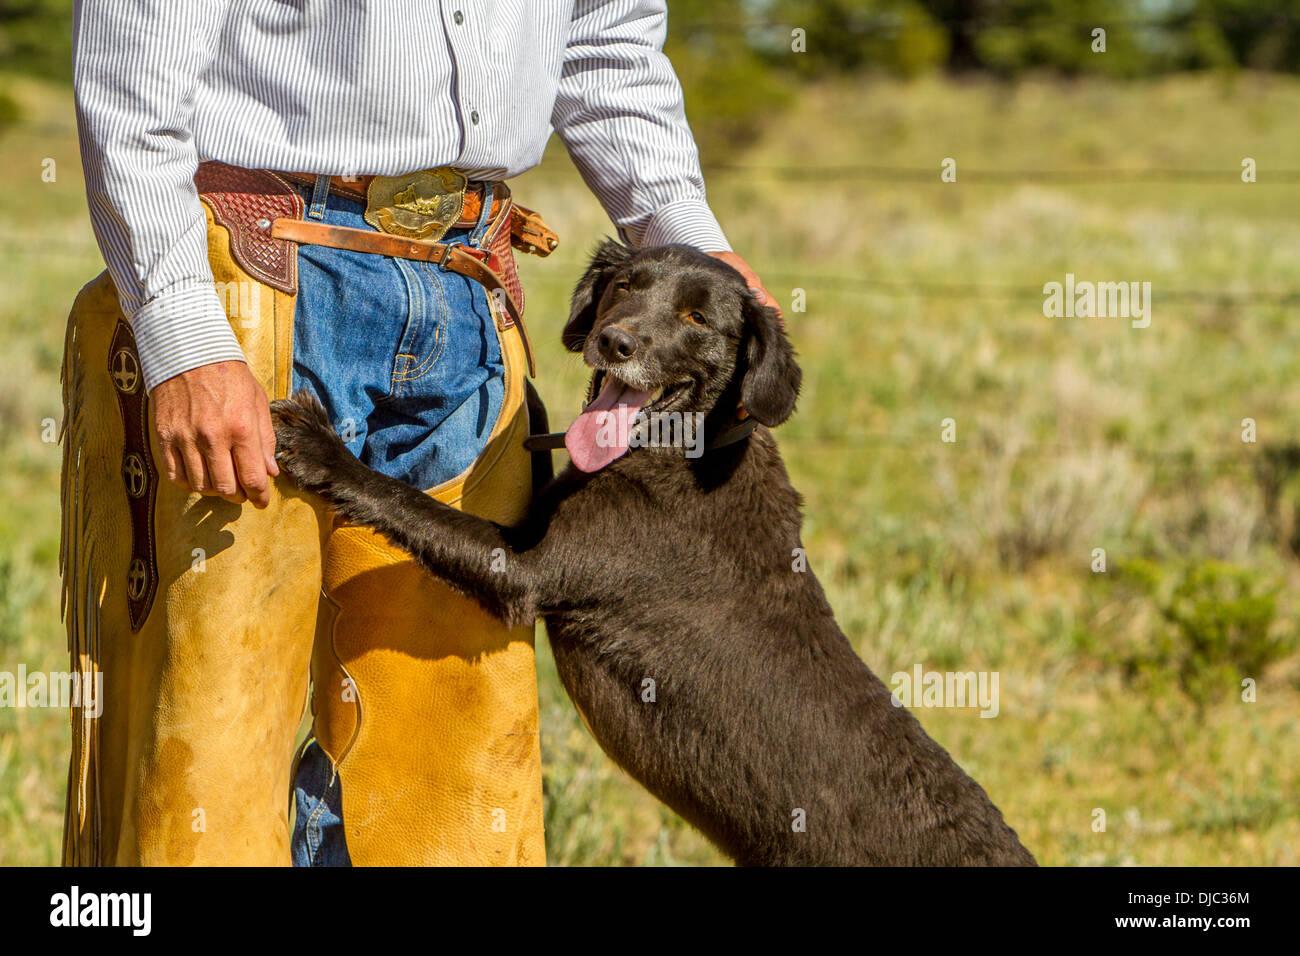 Wrangler and Dog - Stock Image